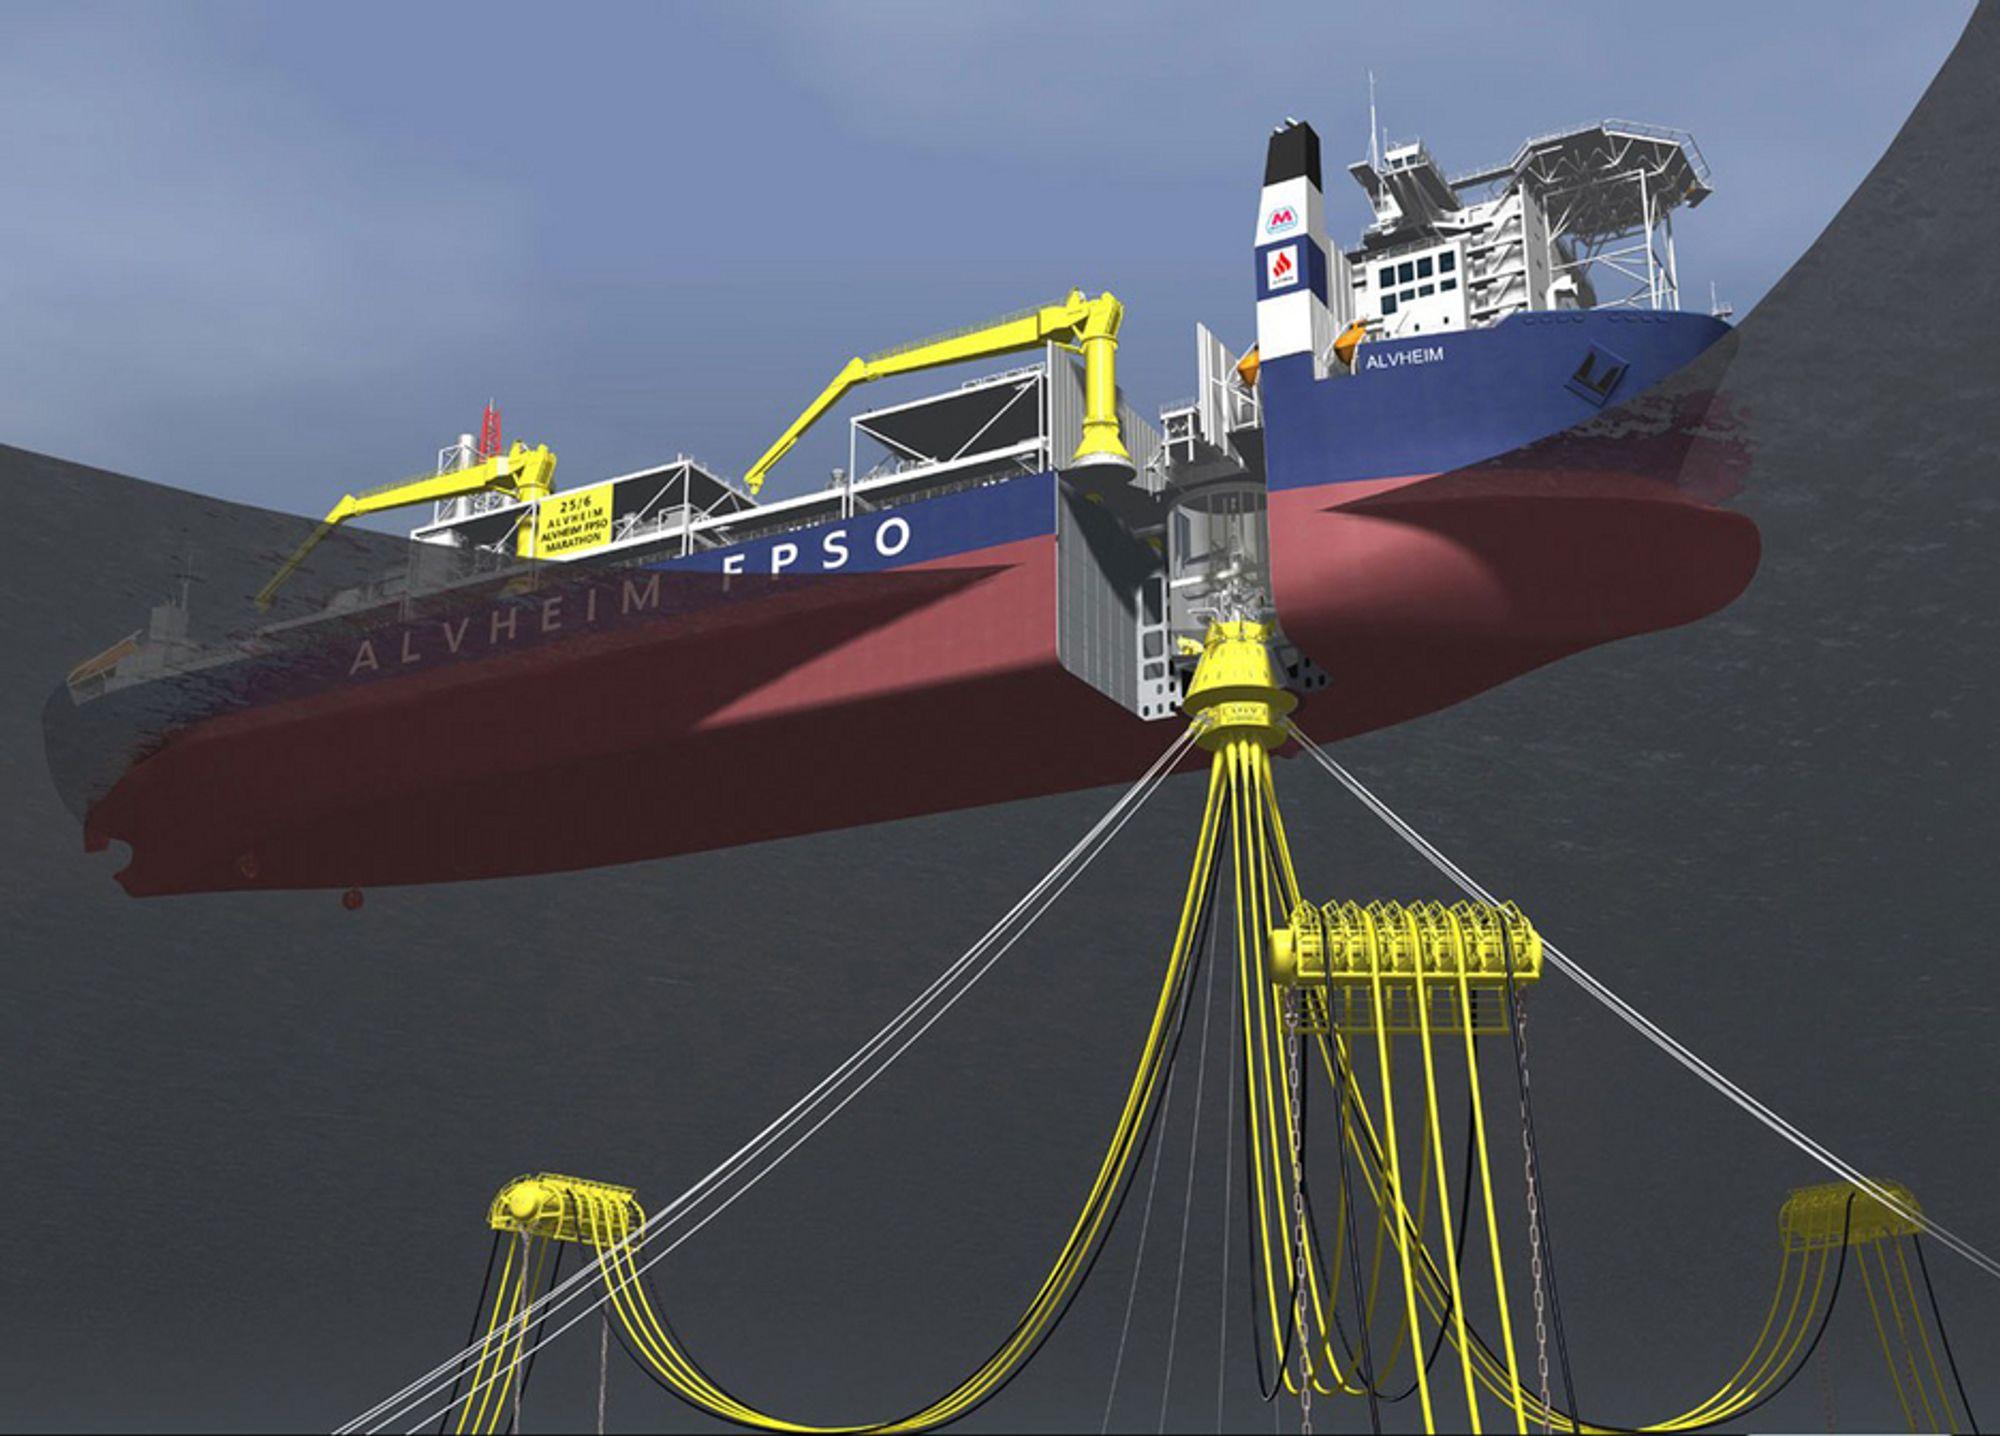 ROTERE: Arendalsbedriften APL leverer svivelsystemet som båten skal kobles til. Skipet kan rotere rundt denne.